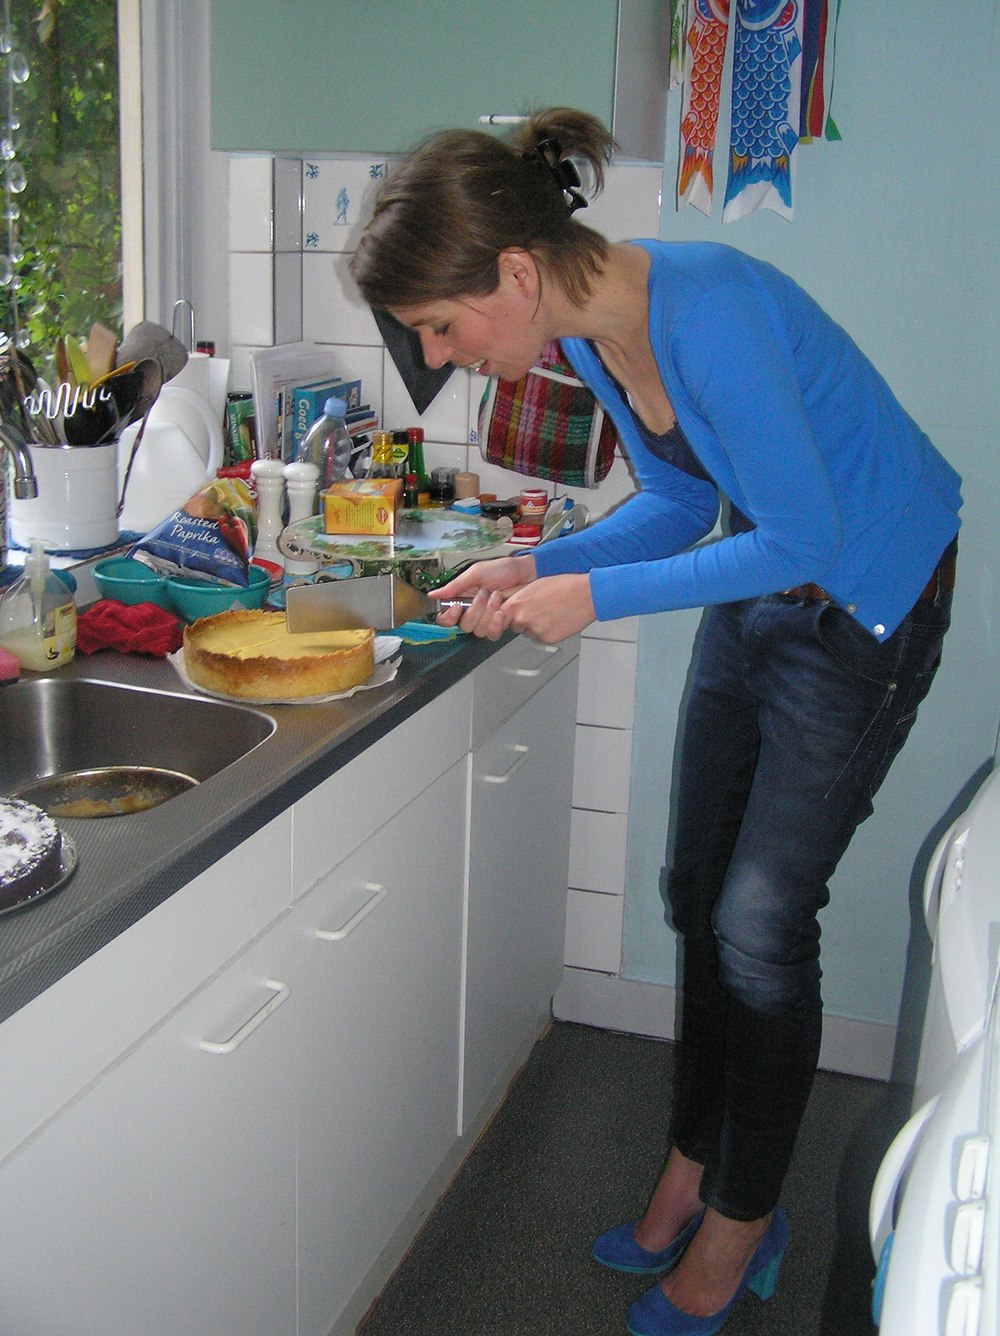 blog over eetstoornissen - hoe overwin je je eetstoornis - www.isabelleplasmeijer.com